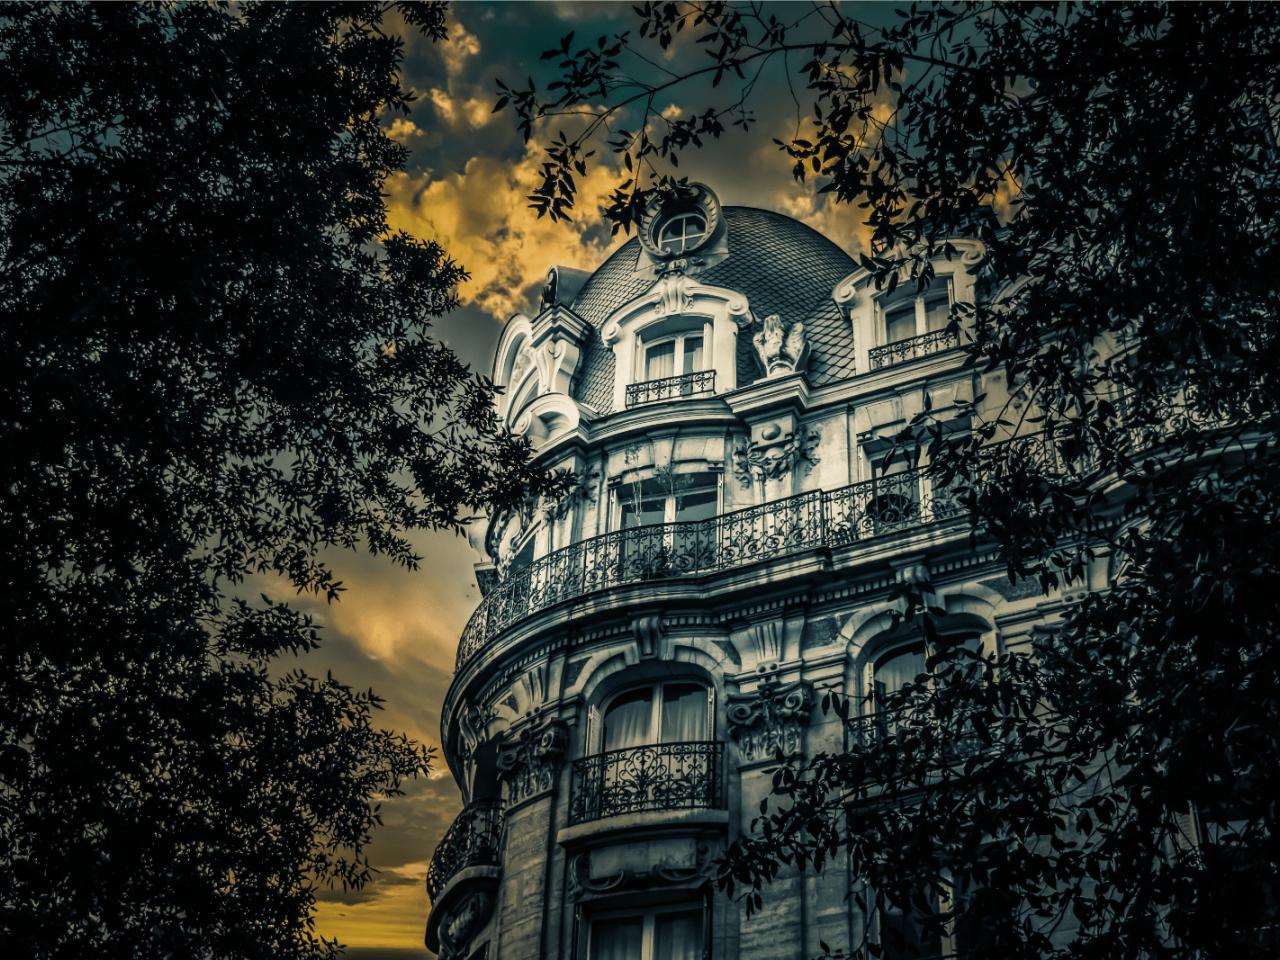 Miti e leggende di Parigi, tra superstizione e mistero